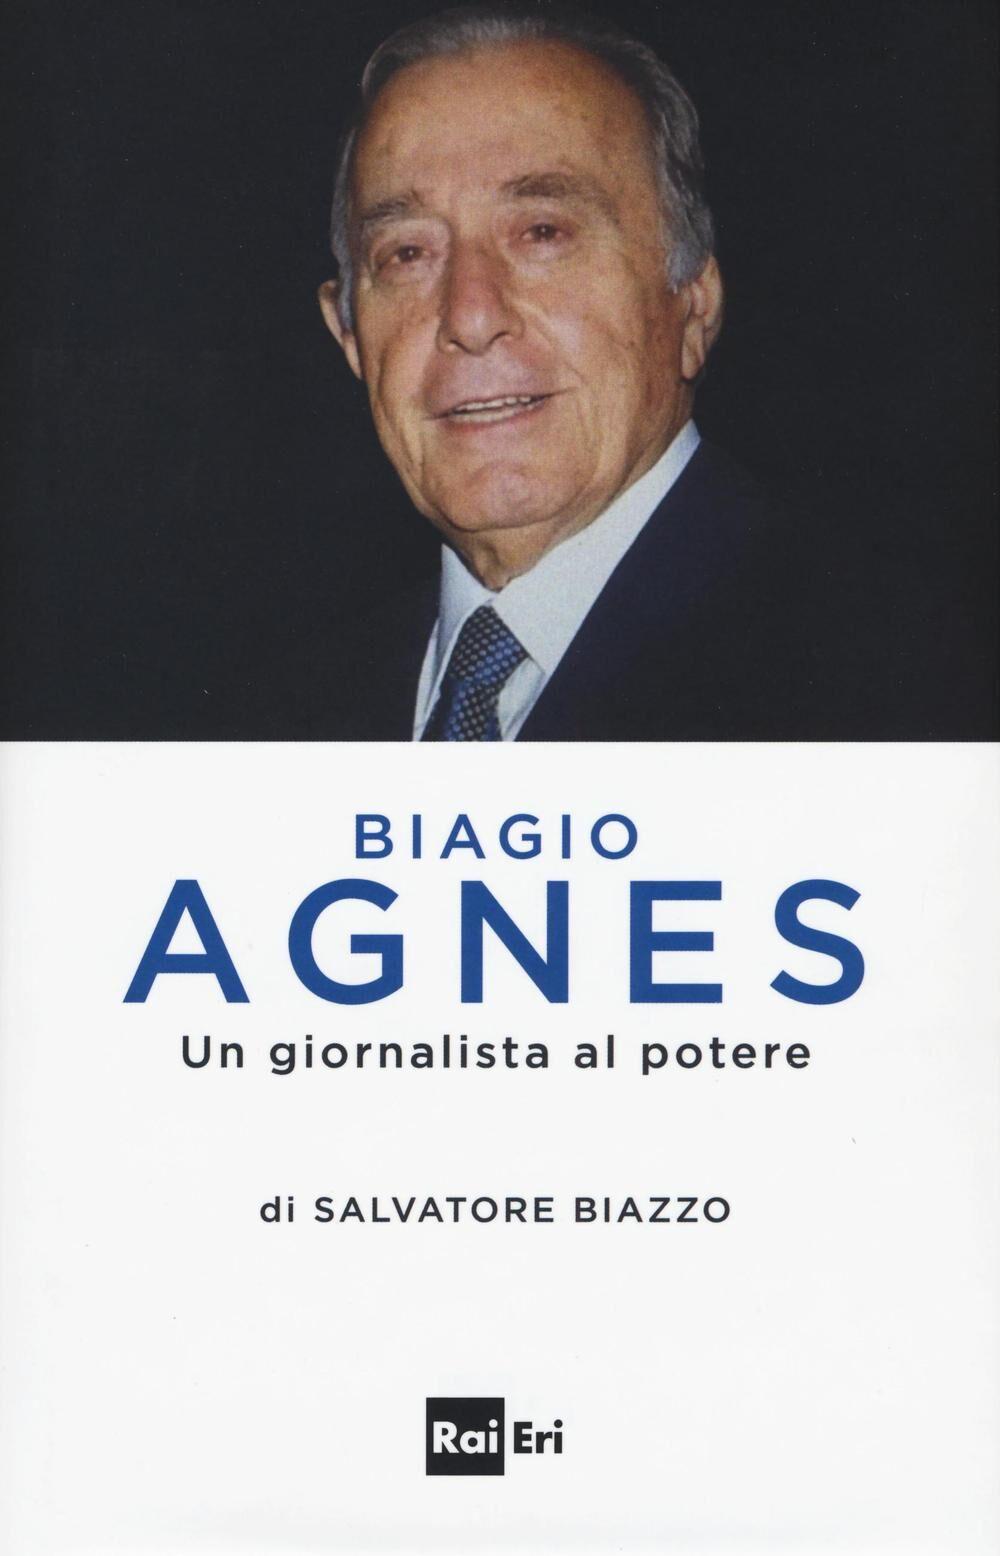 Biagio Agnes un giornalista al potere